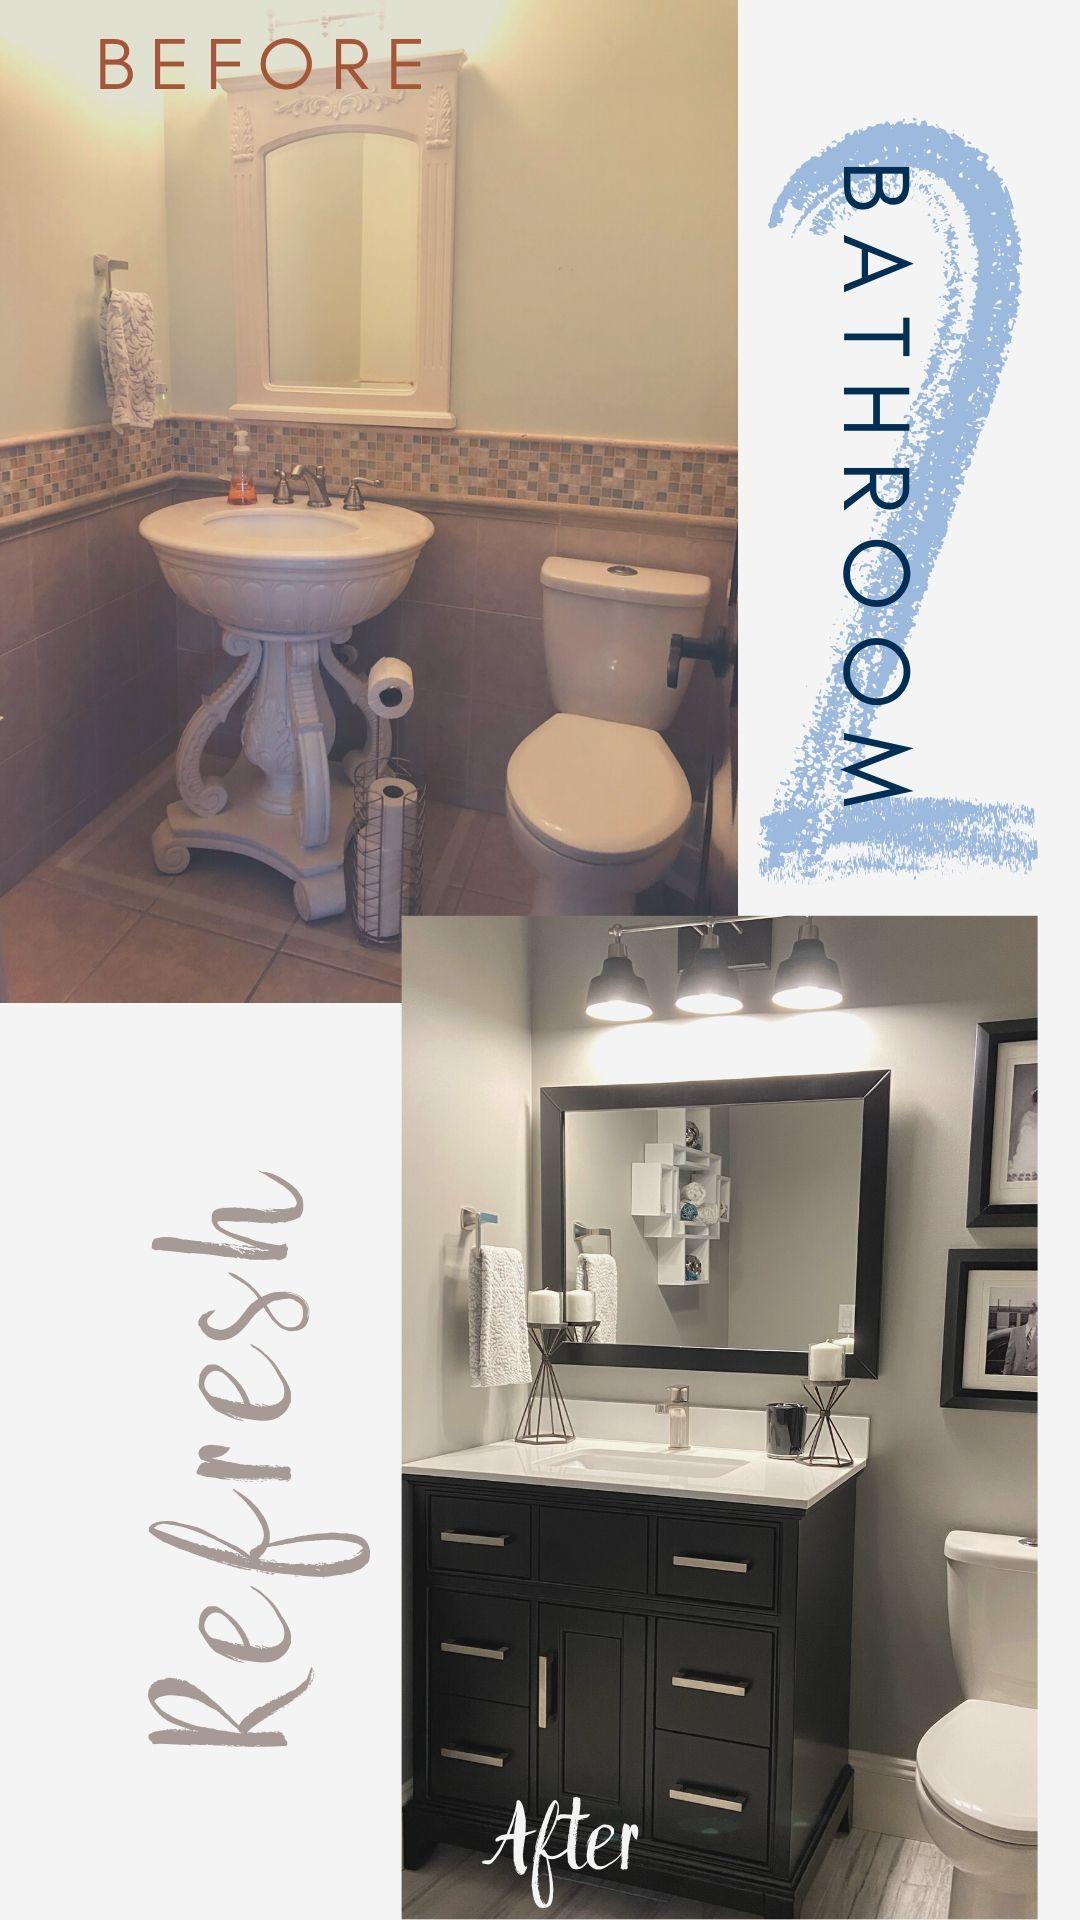 Orange Park designer tackles bathroom design